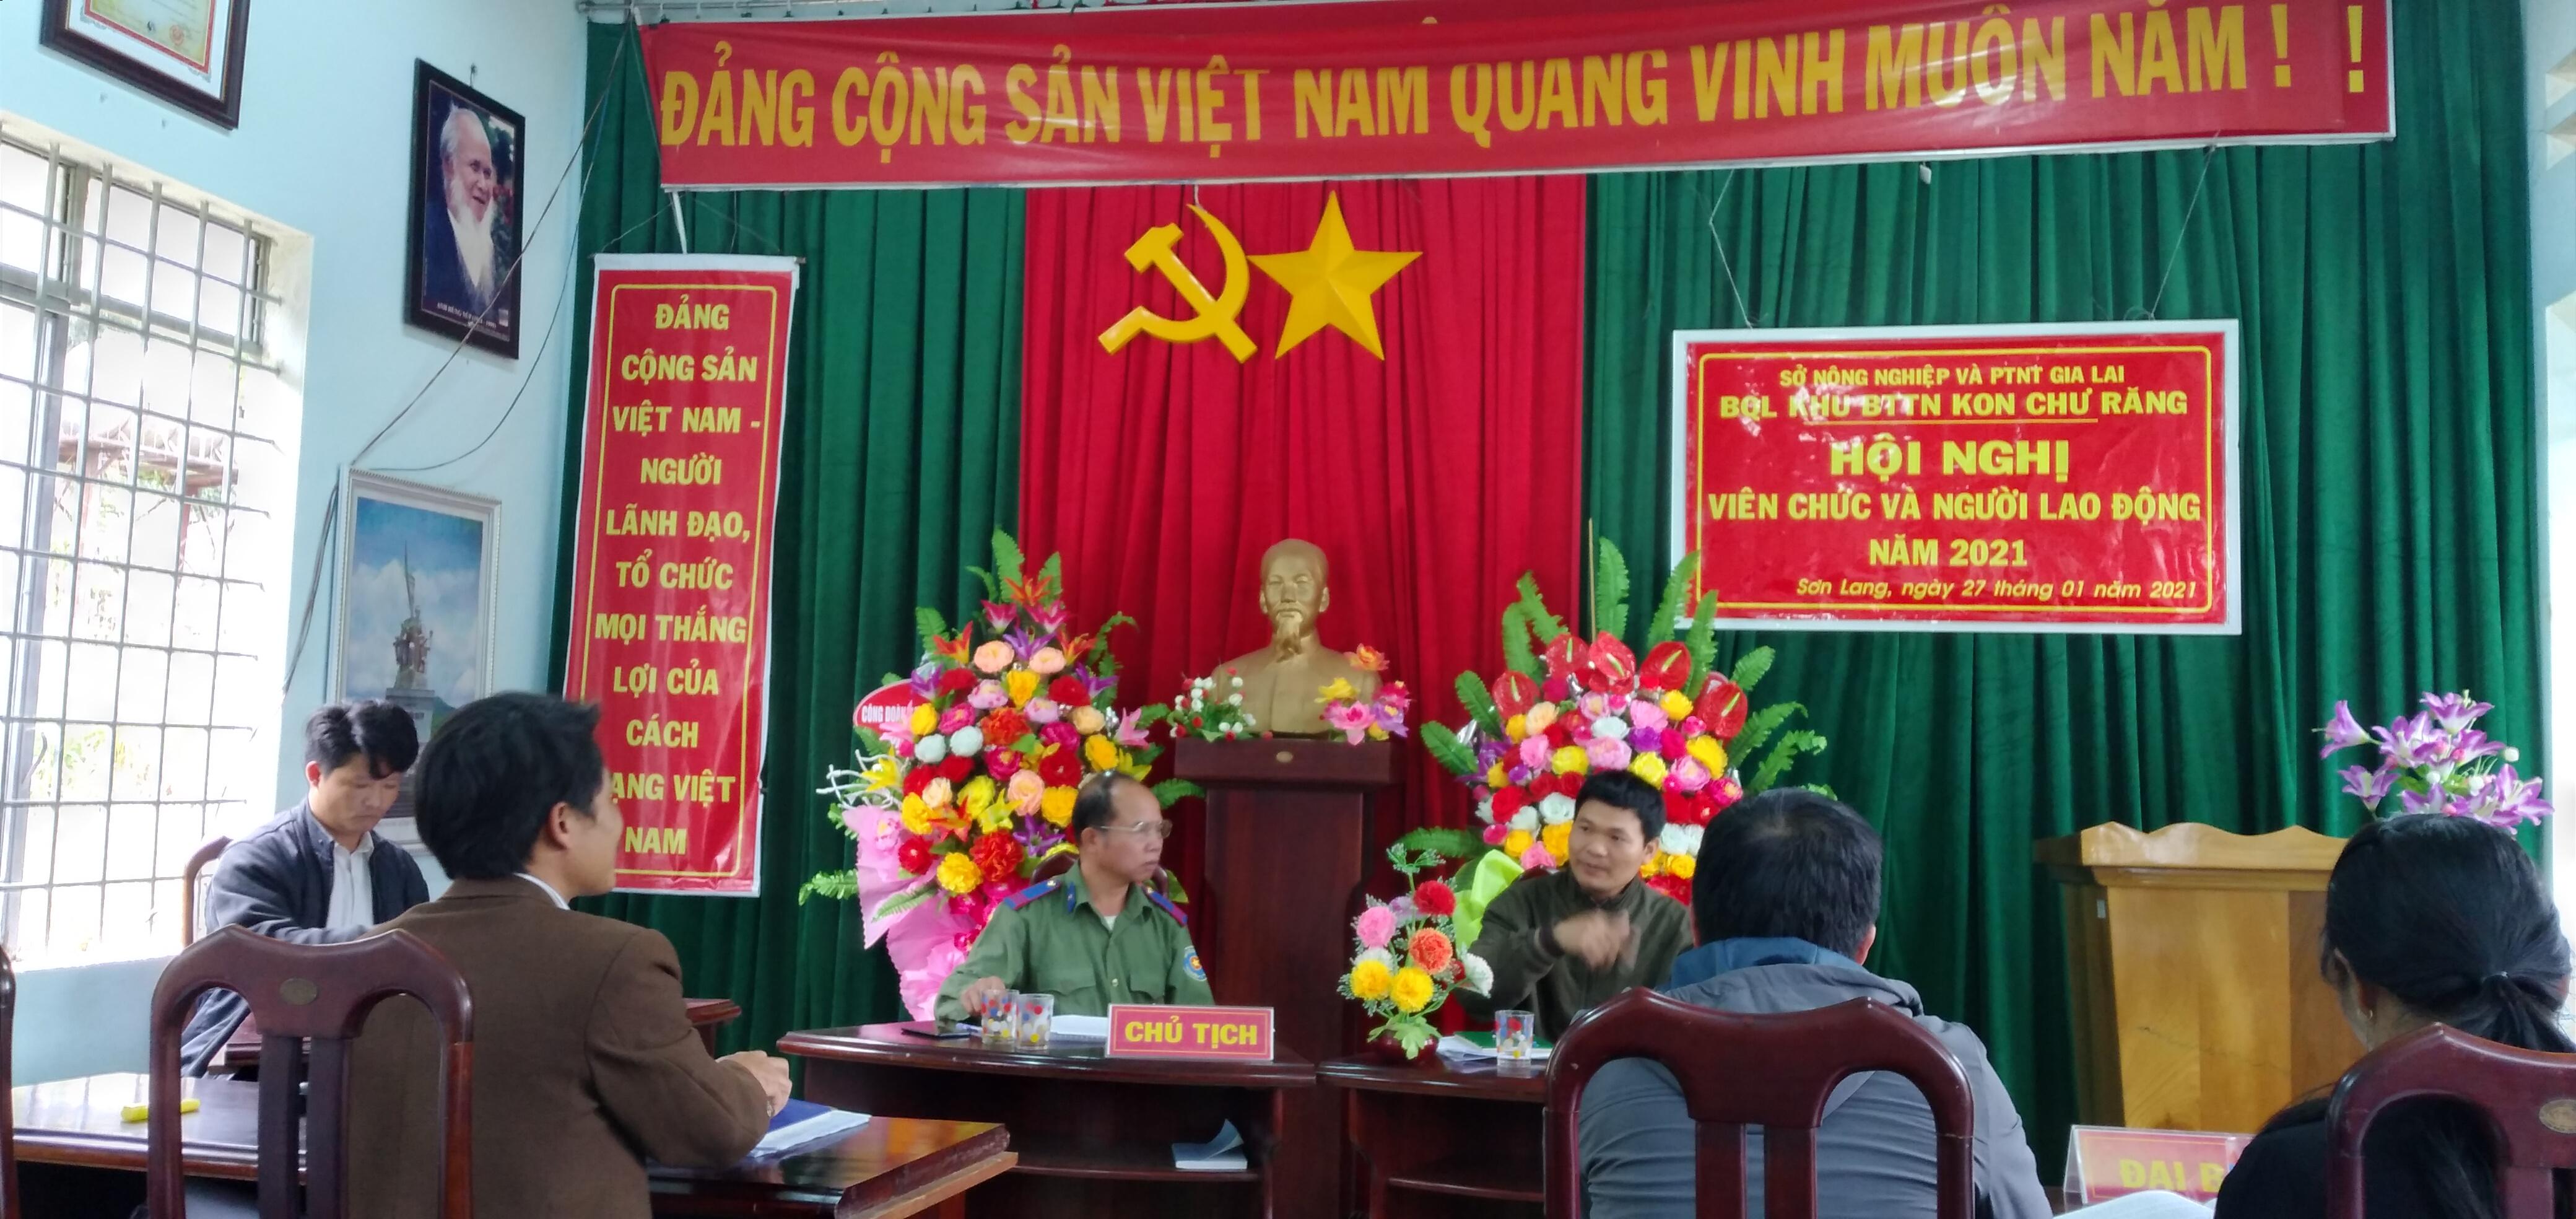 Một số hình ảnh về Hội nghị viên chức và người lao động năm 2021 tại BQL Khu BTTN Kon Chư Răng